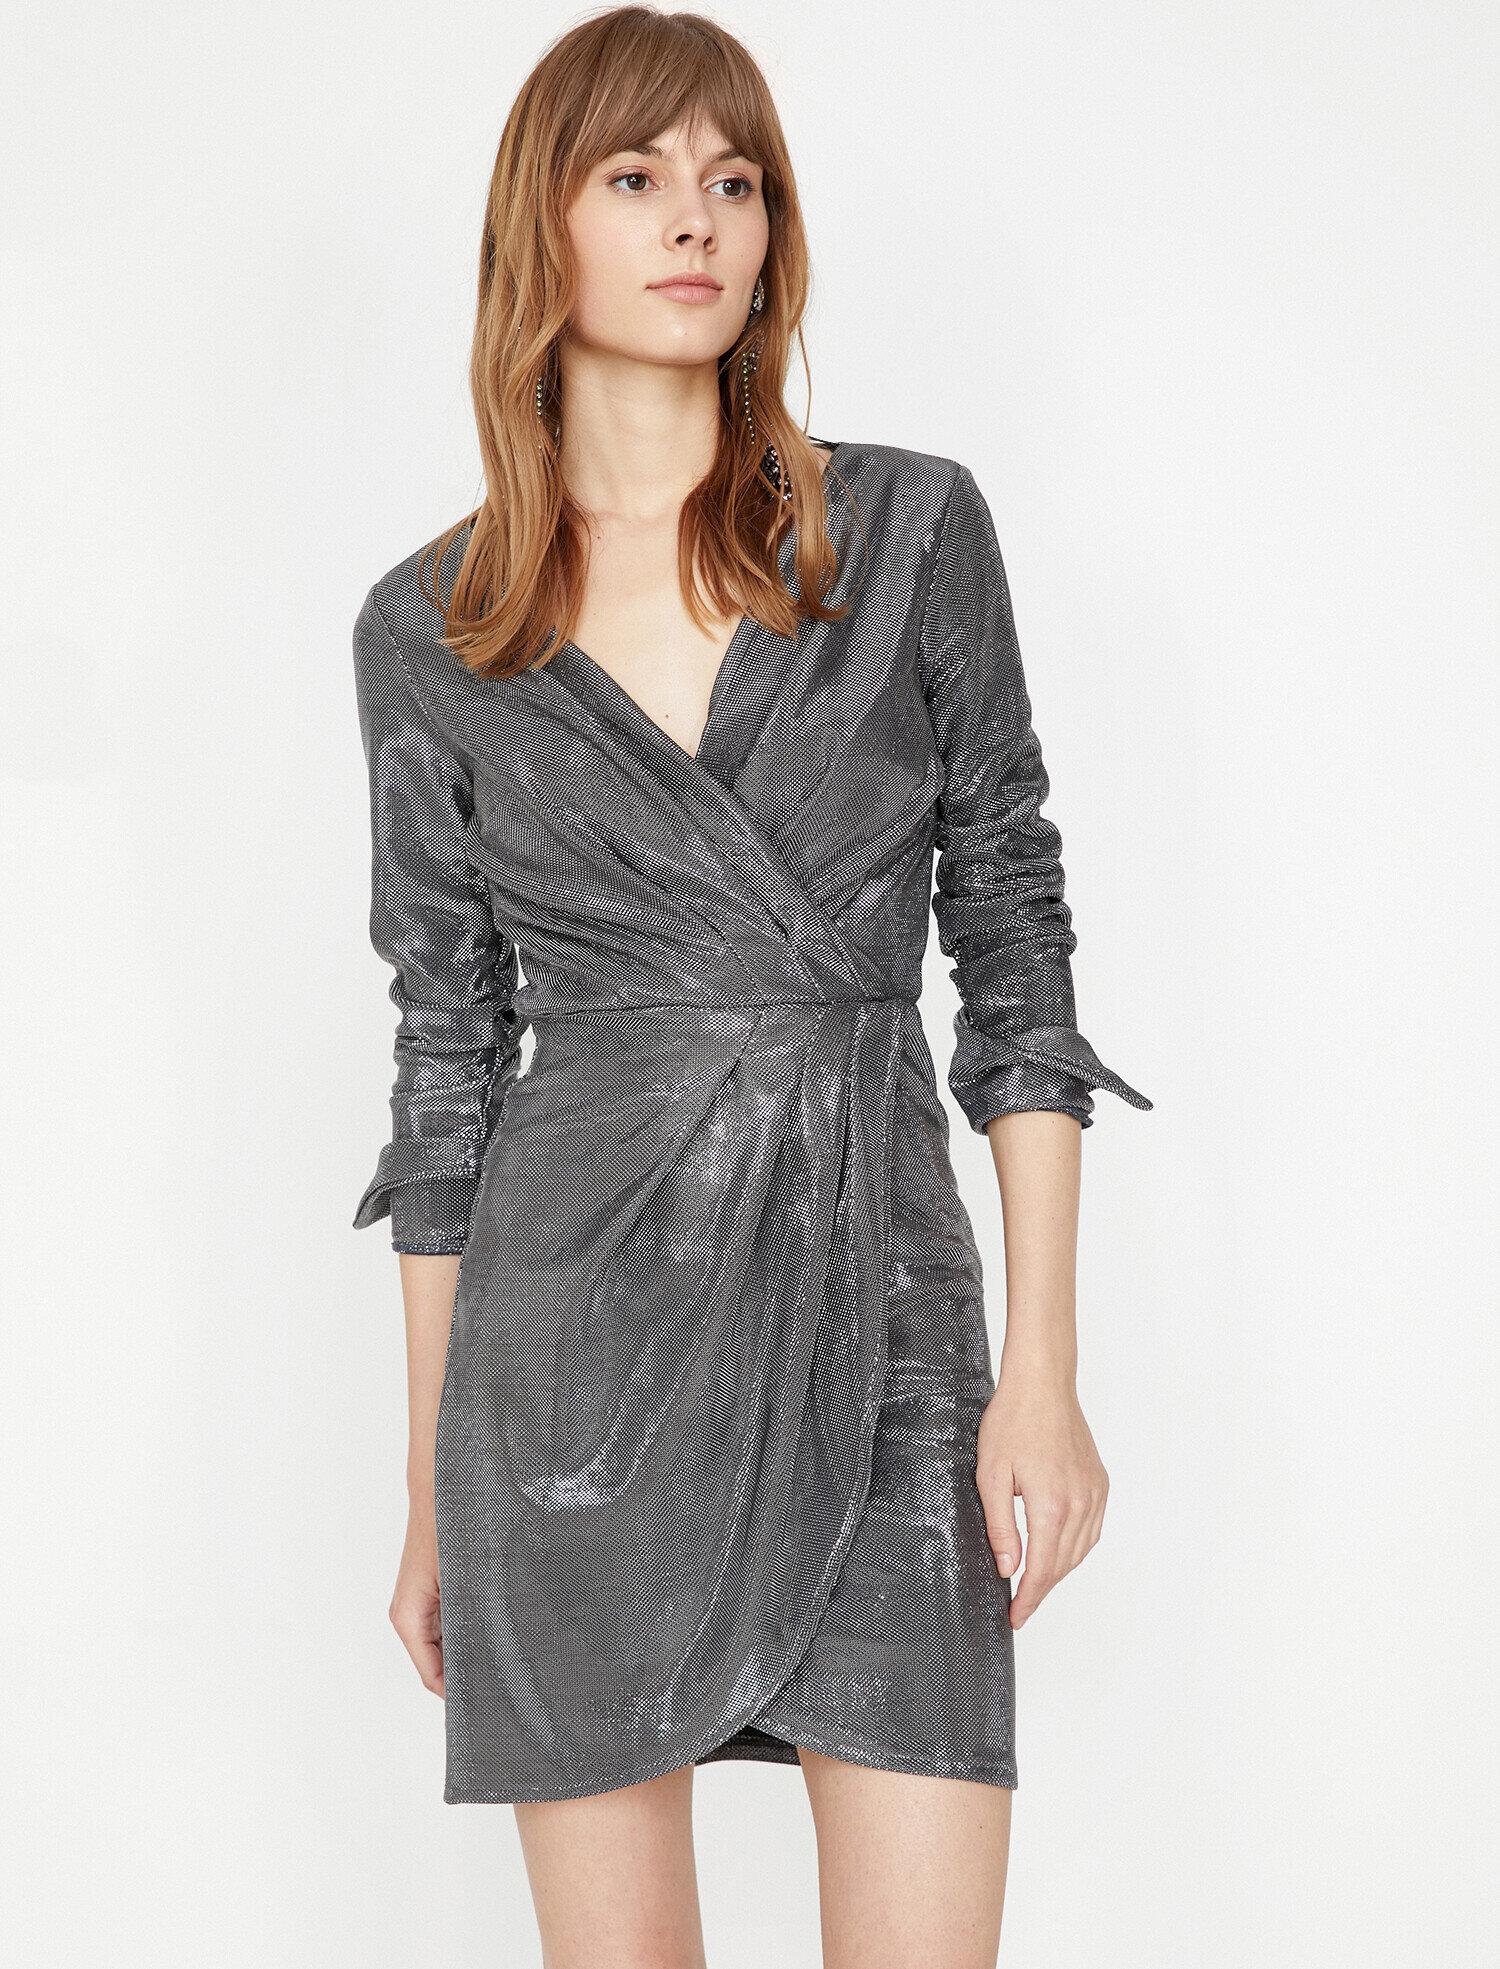 Koton Kadın Büzgülü Elbise Gri Ürün Resmi